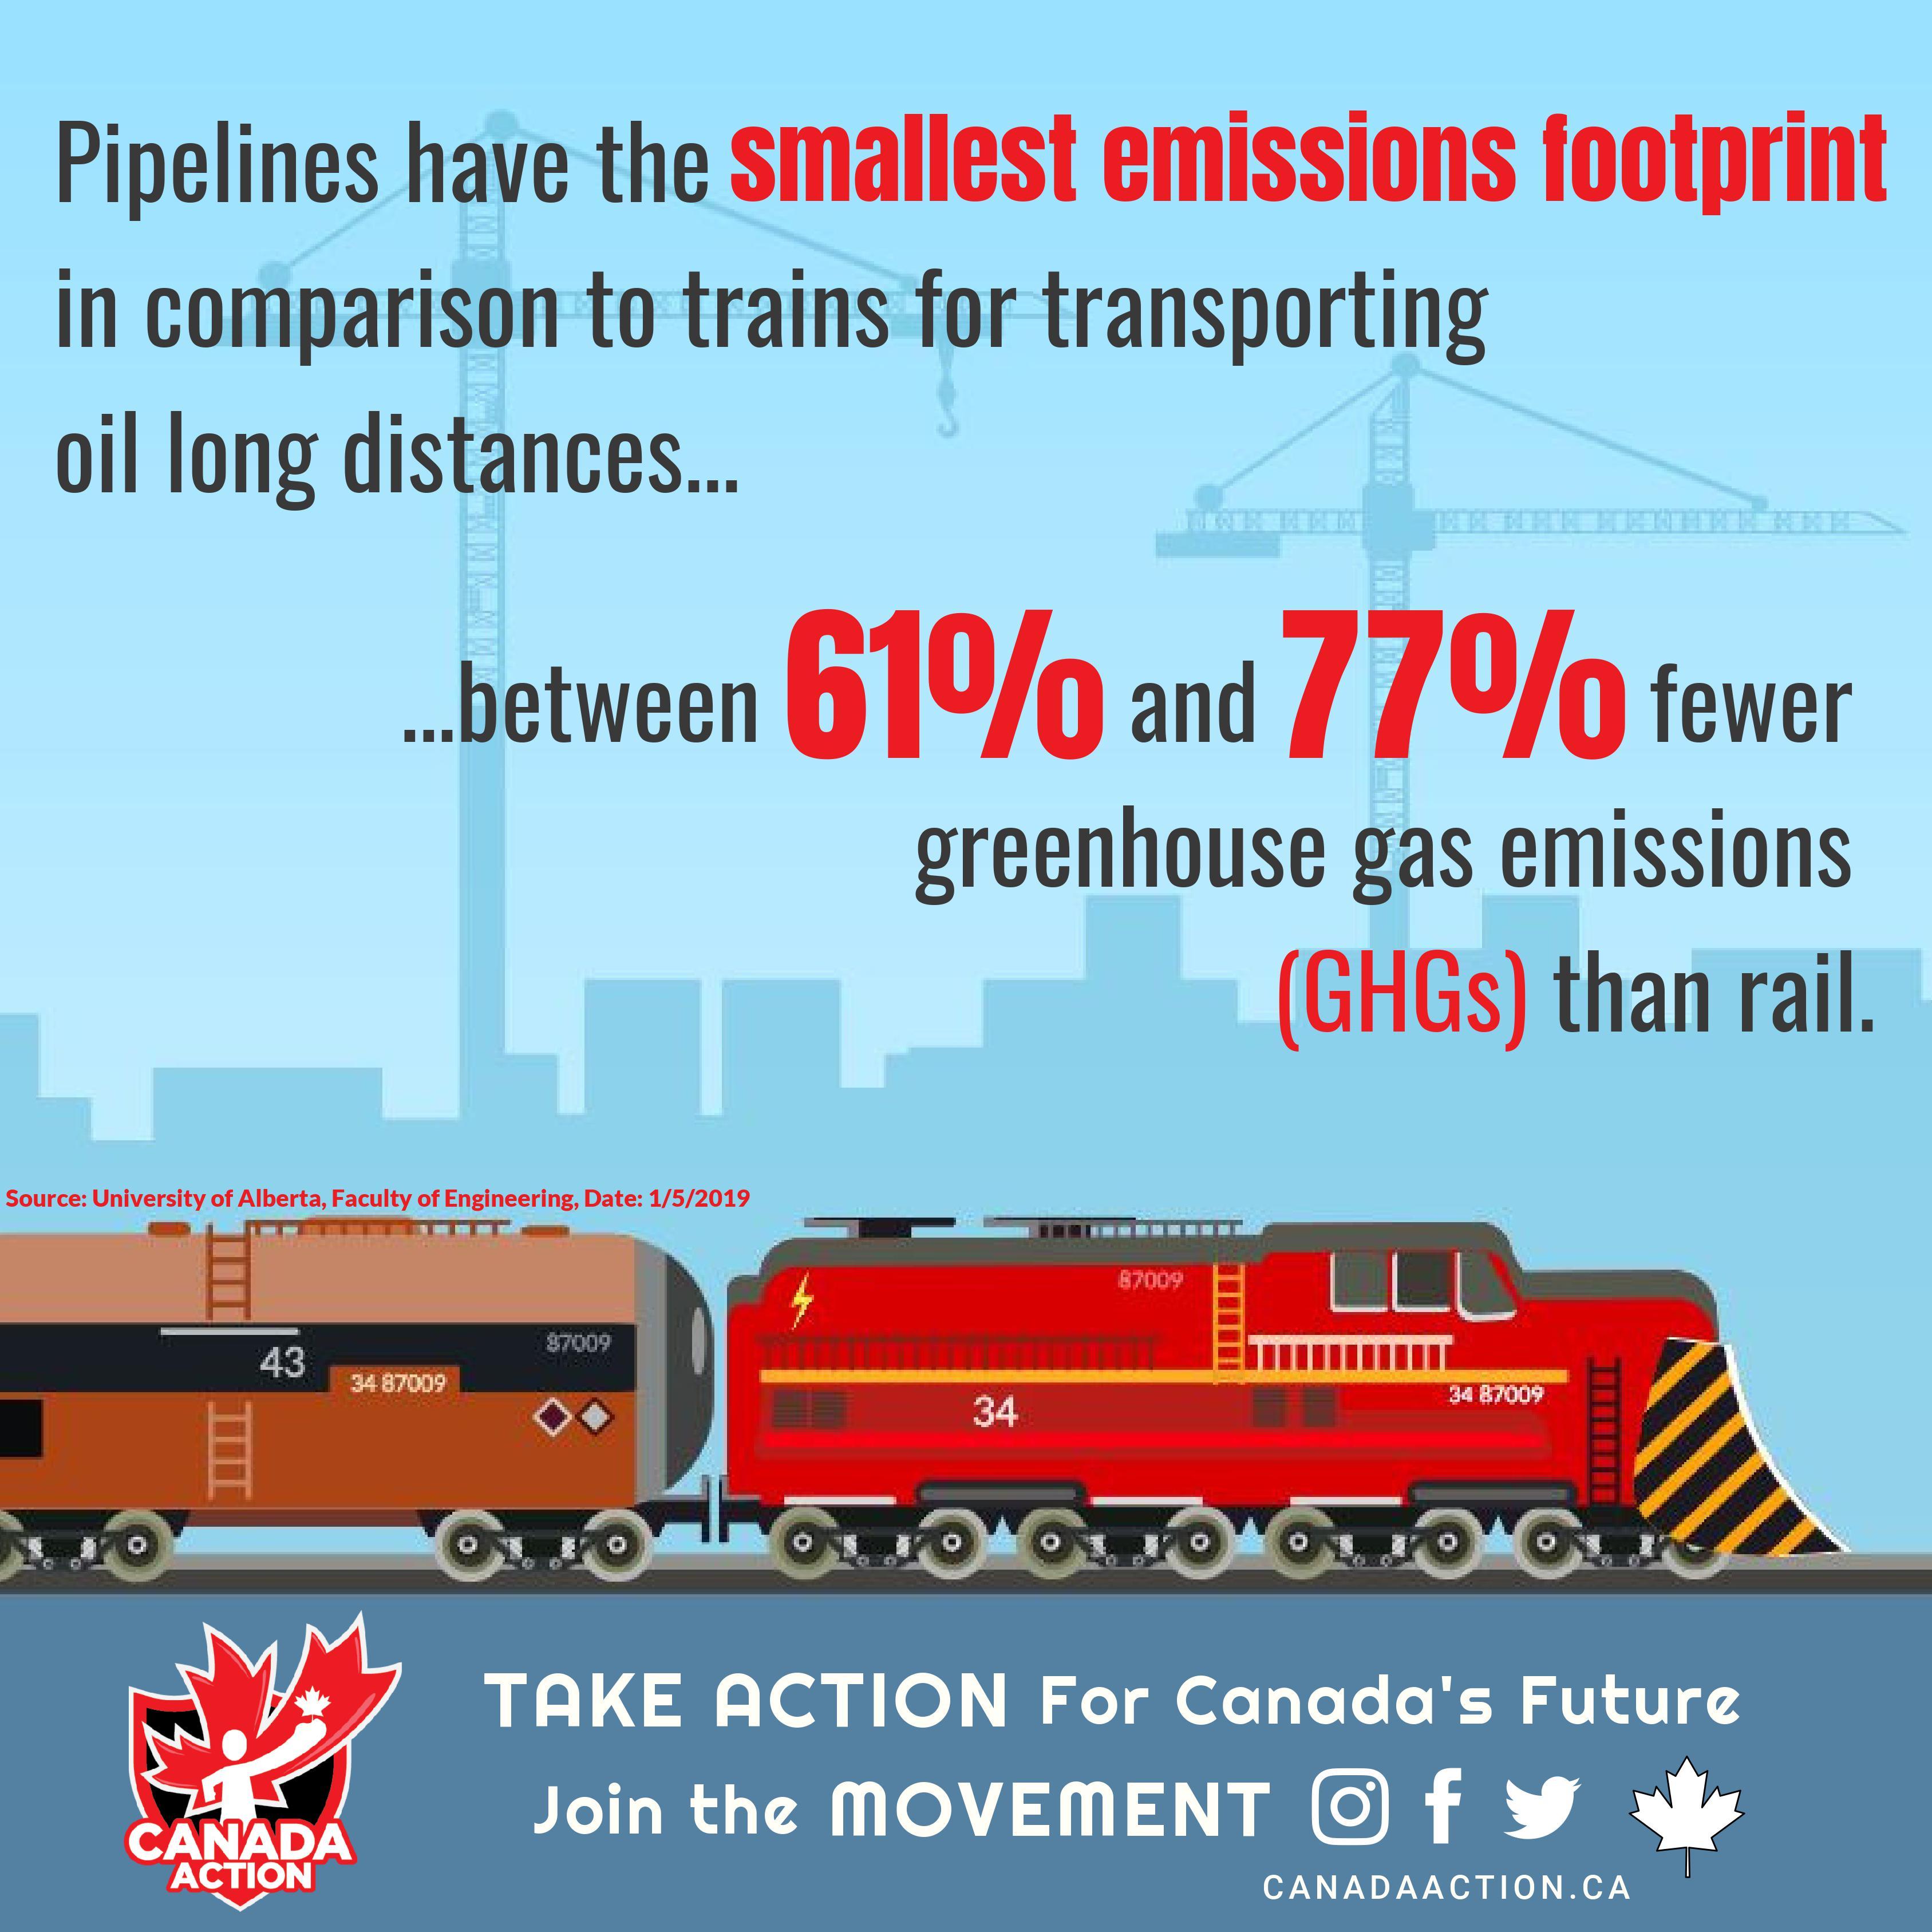 Pipeline vs. rail - ghg emissions comparison